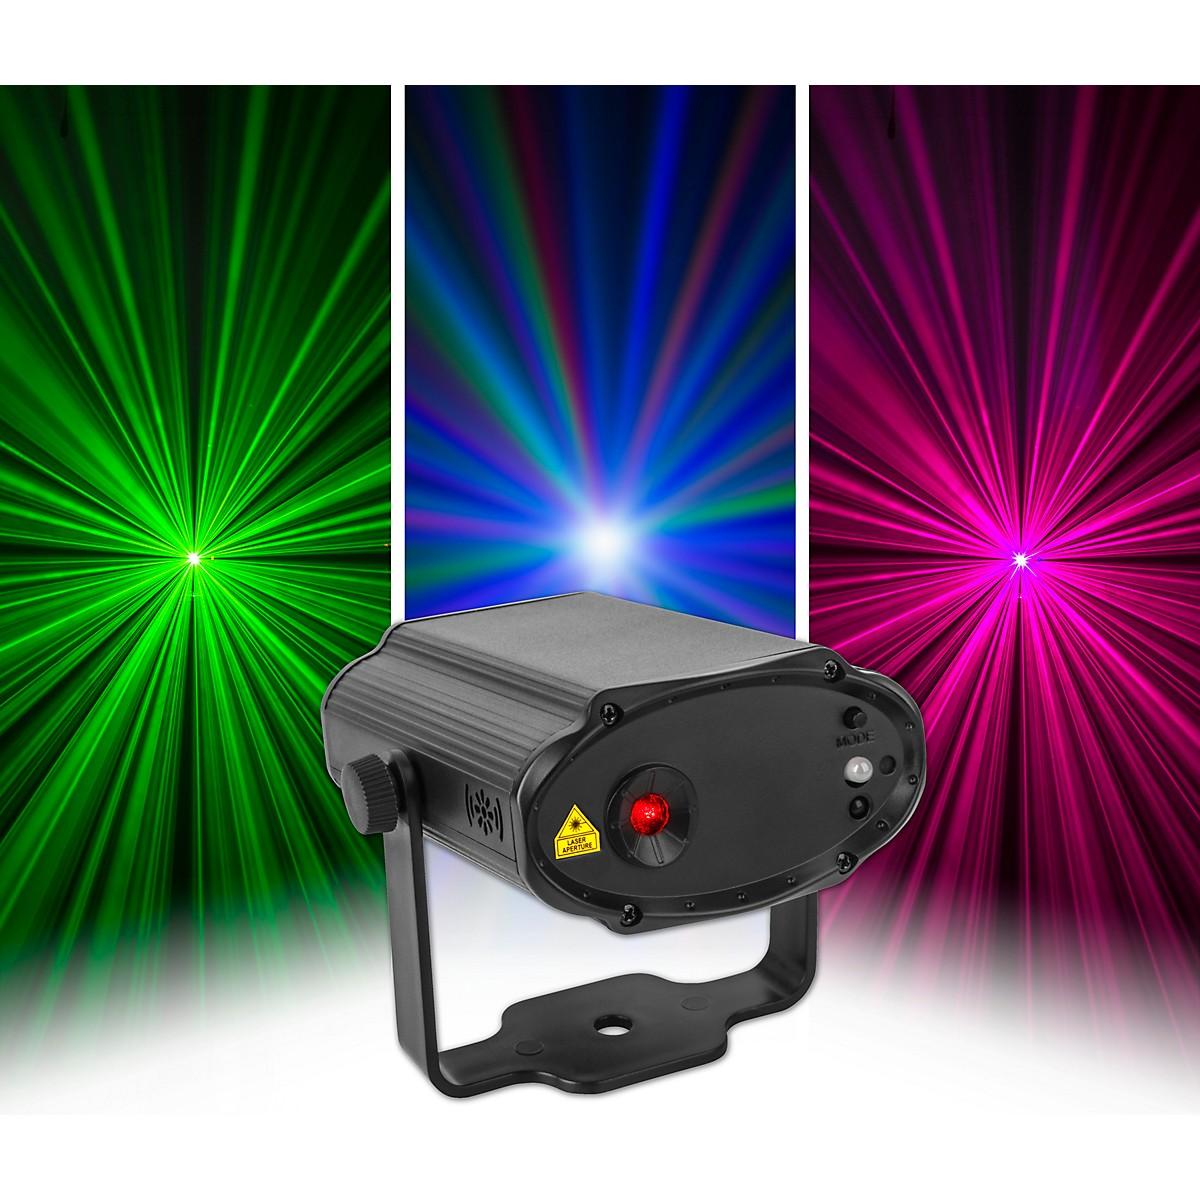 CHAUVET DJ MiN Laser RGB Mini Compact Laser